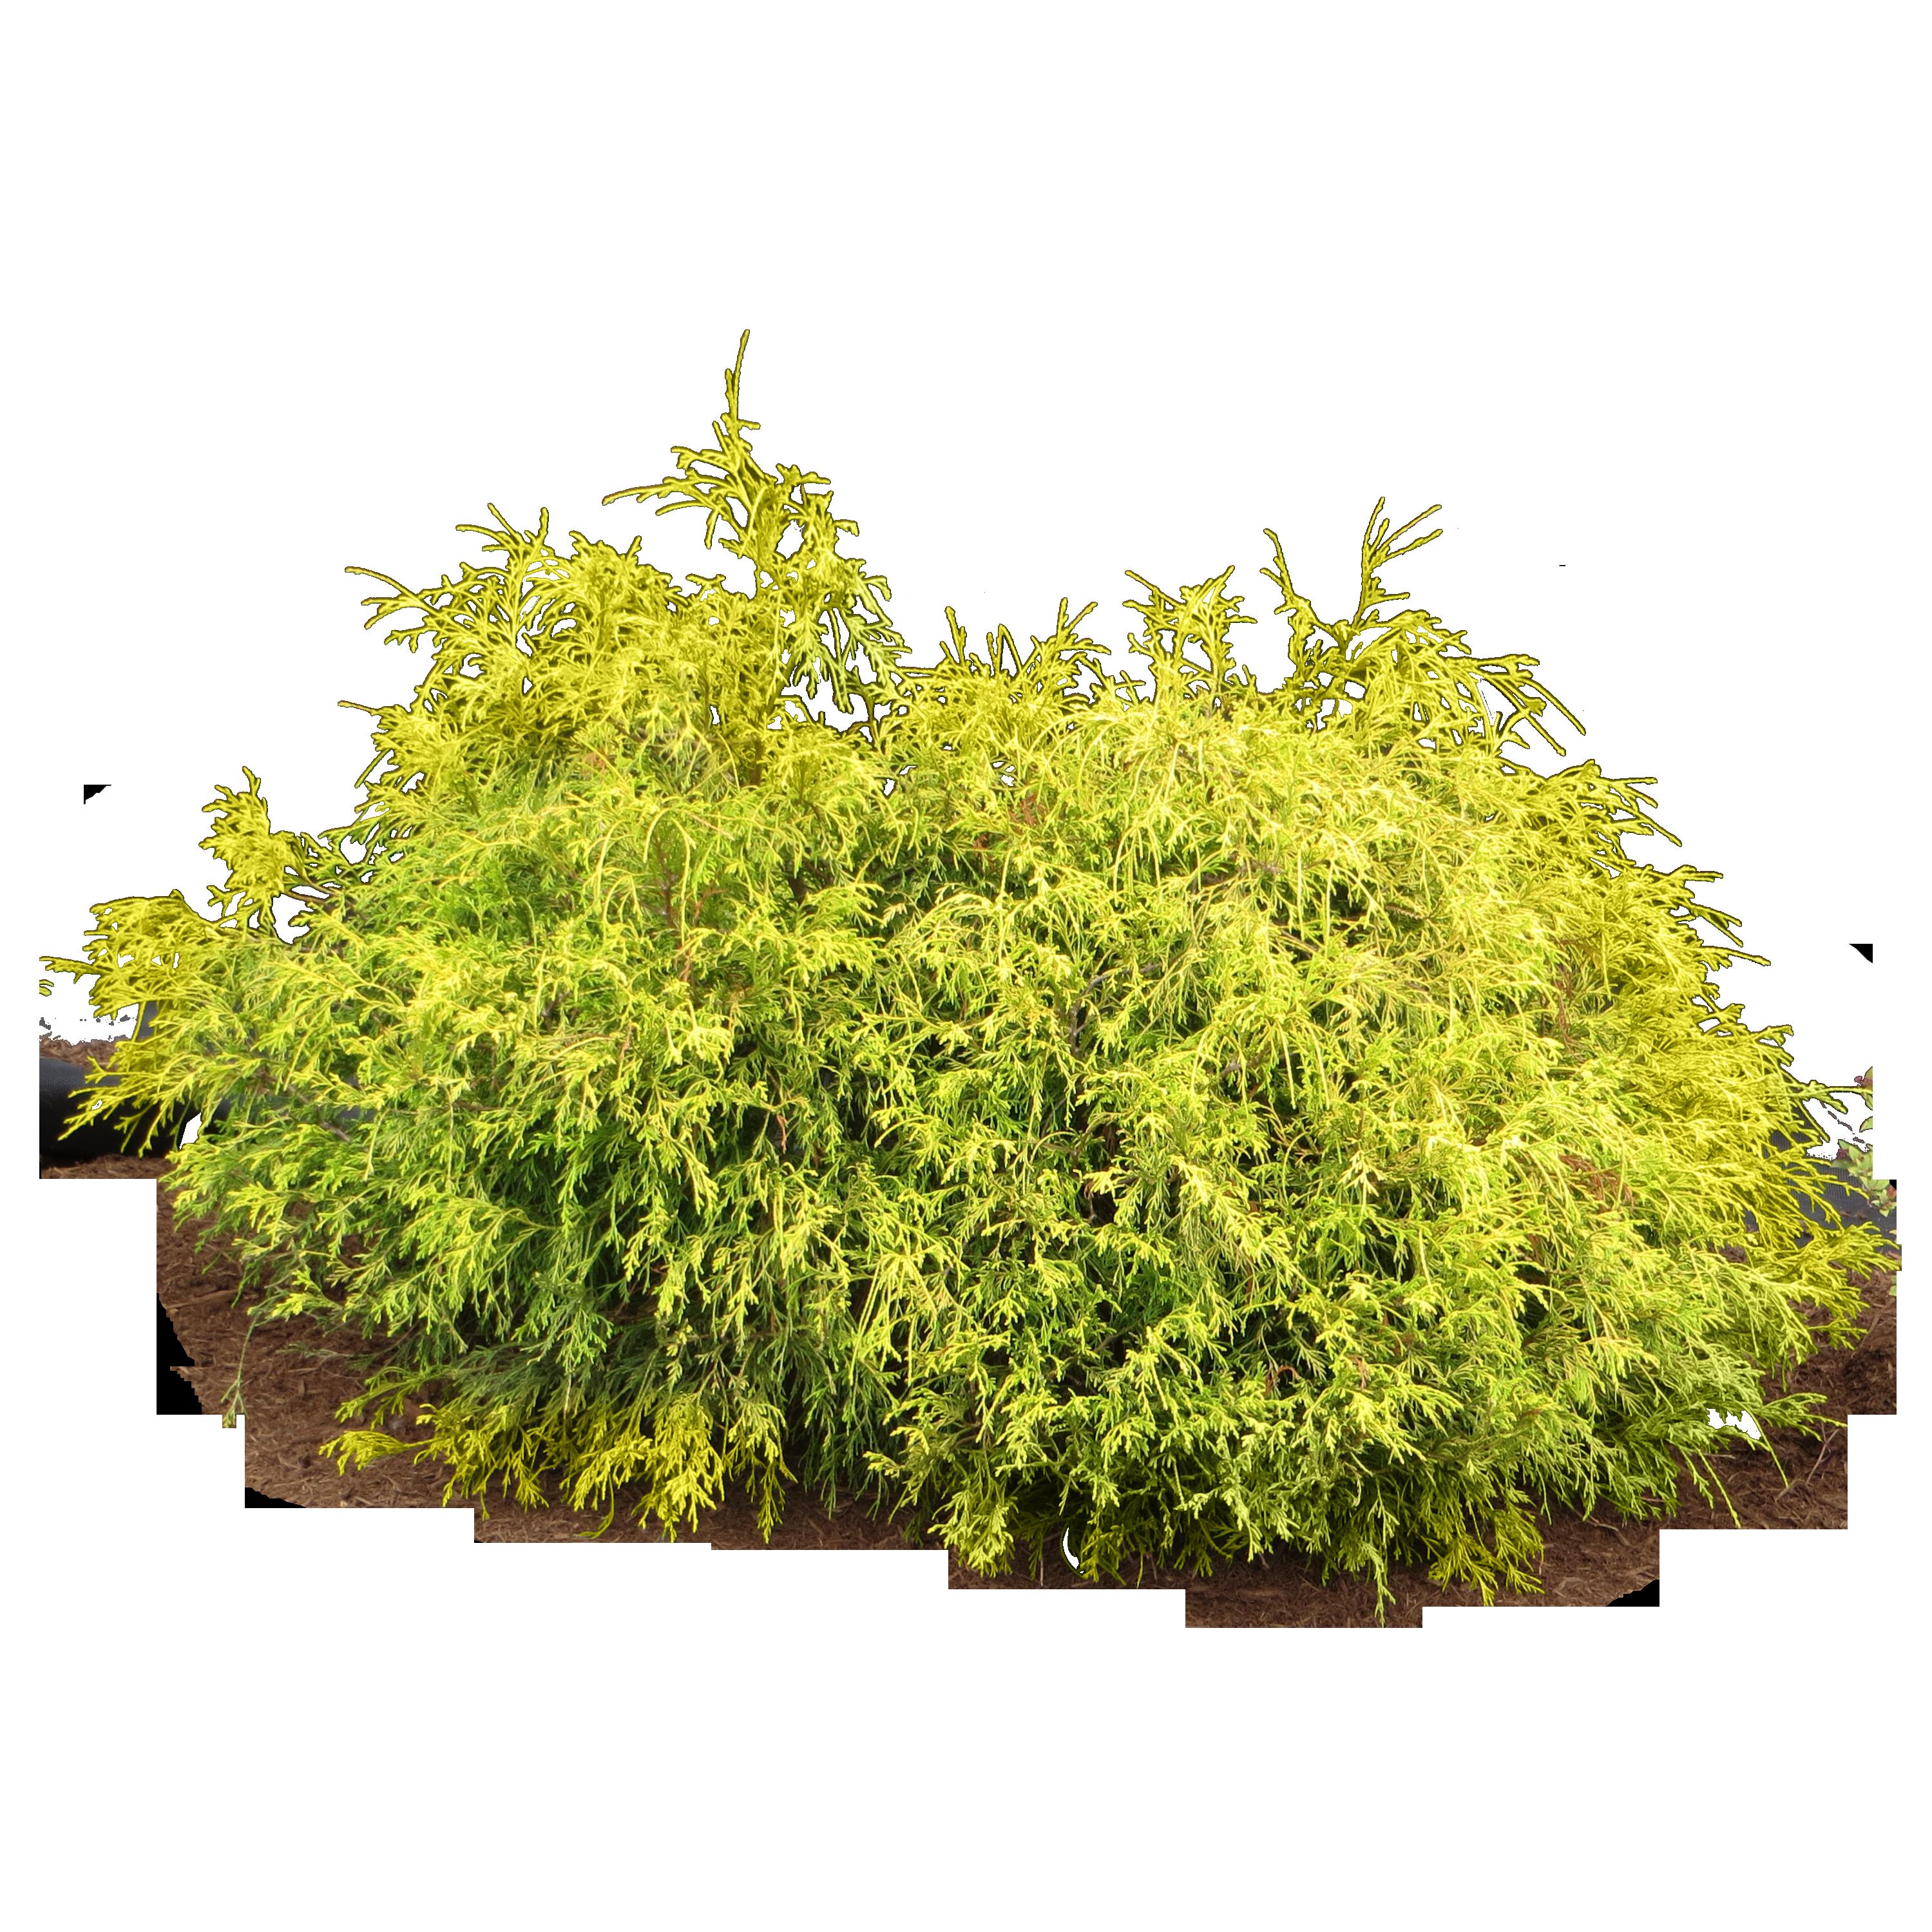 Bush plant PNG image